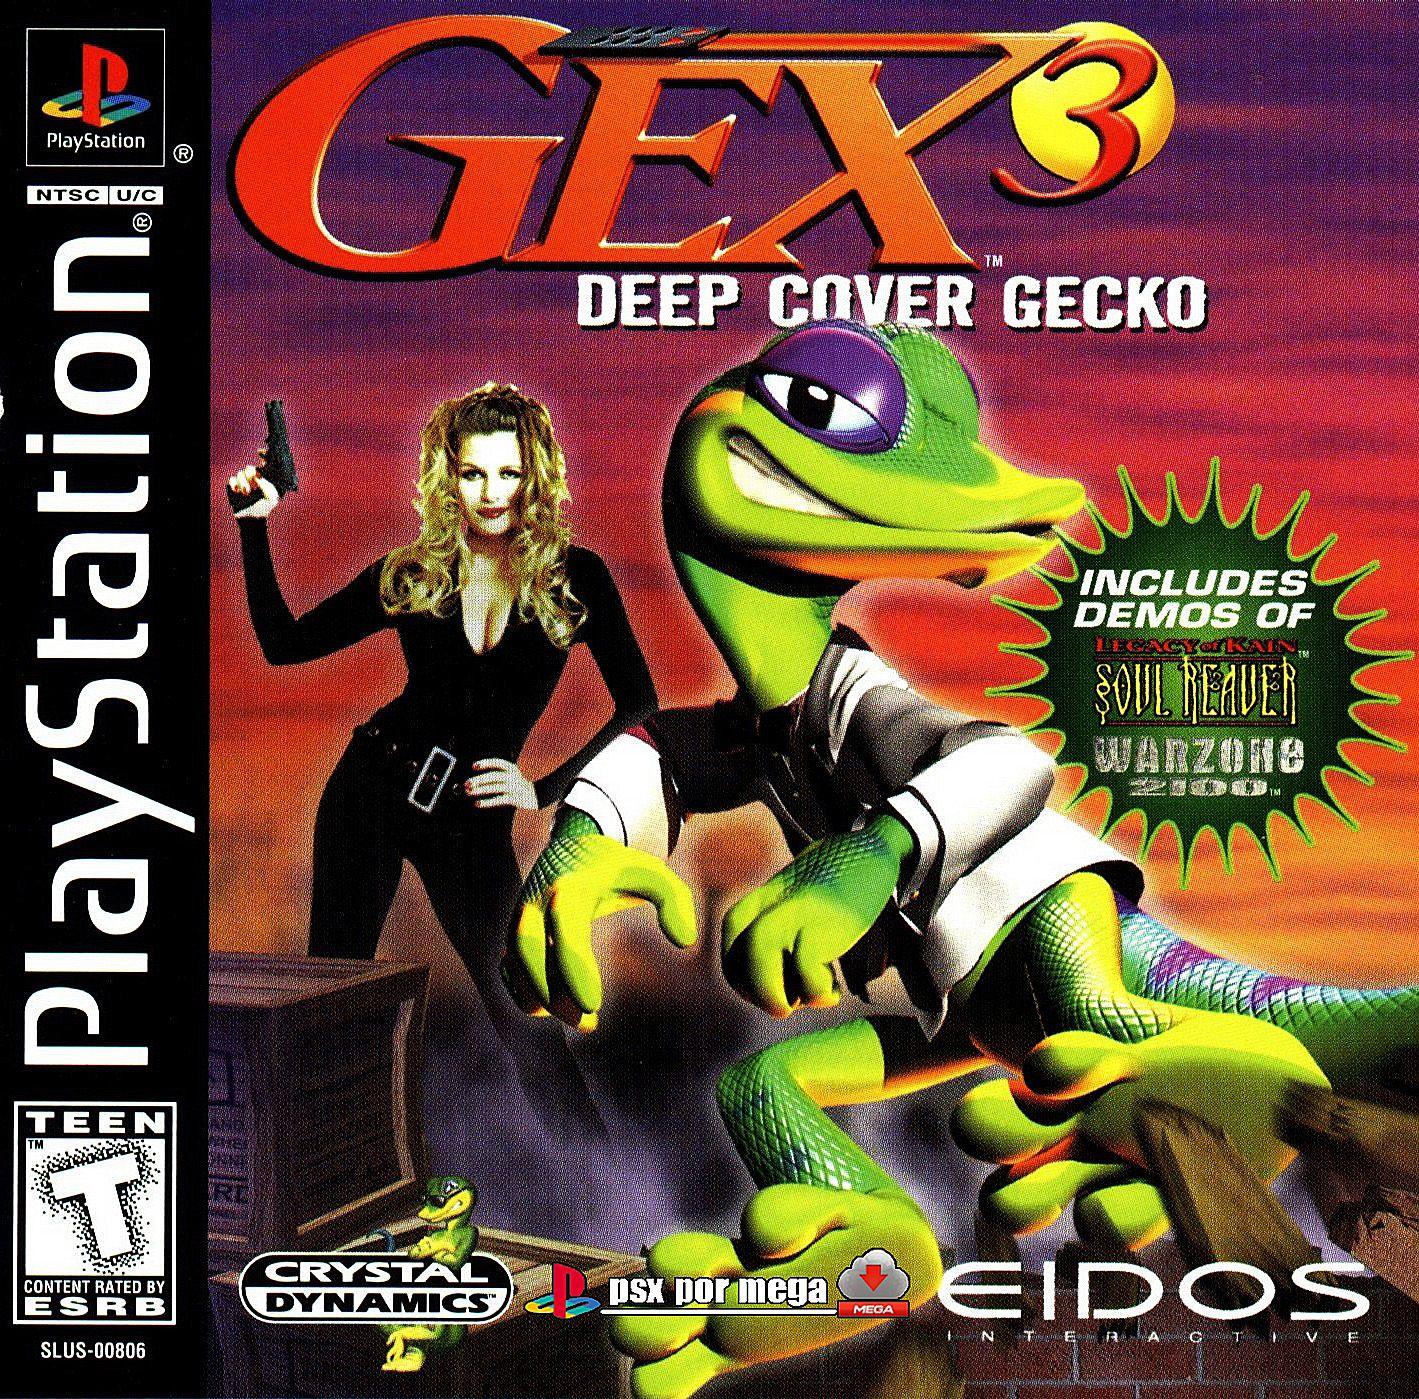 Cover Gex3 Ps1 Juegos De Ps1 Videojuegos Clásicos Juegos Psx